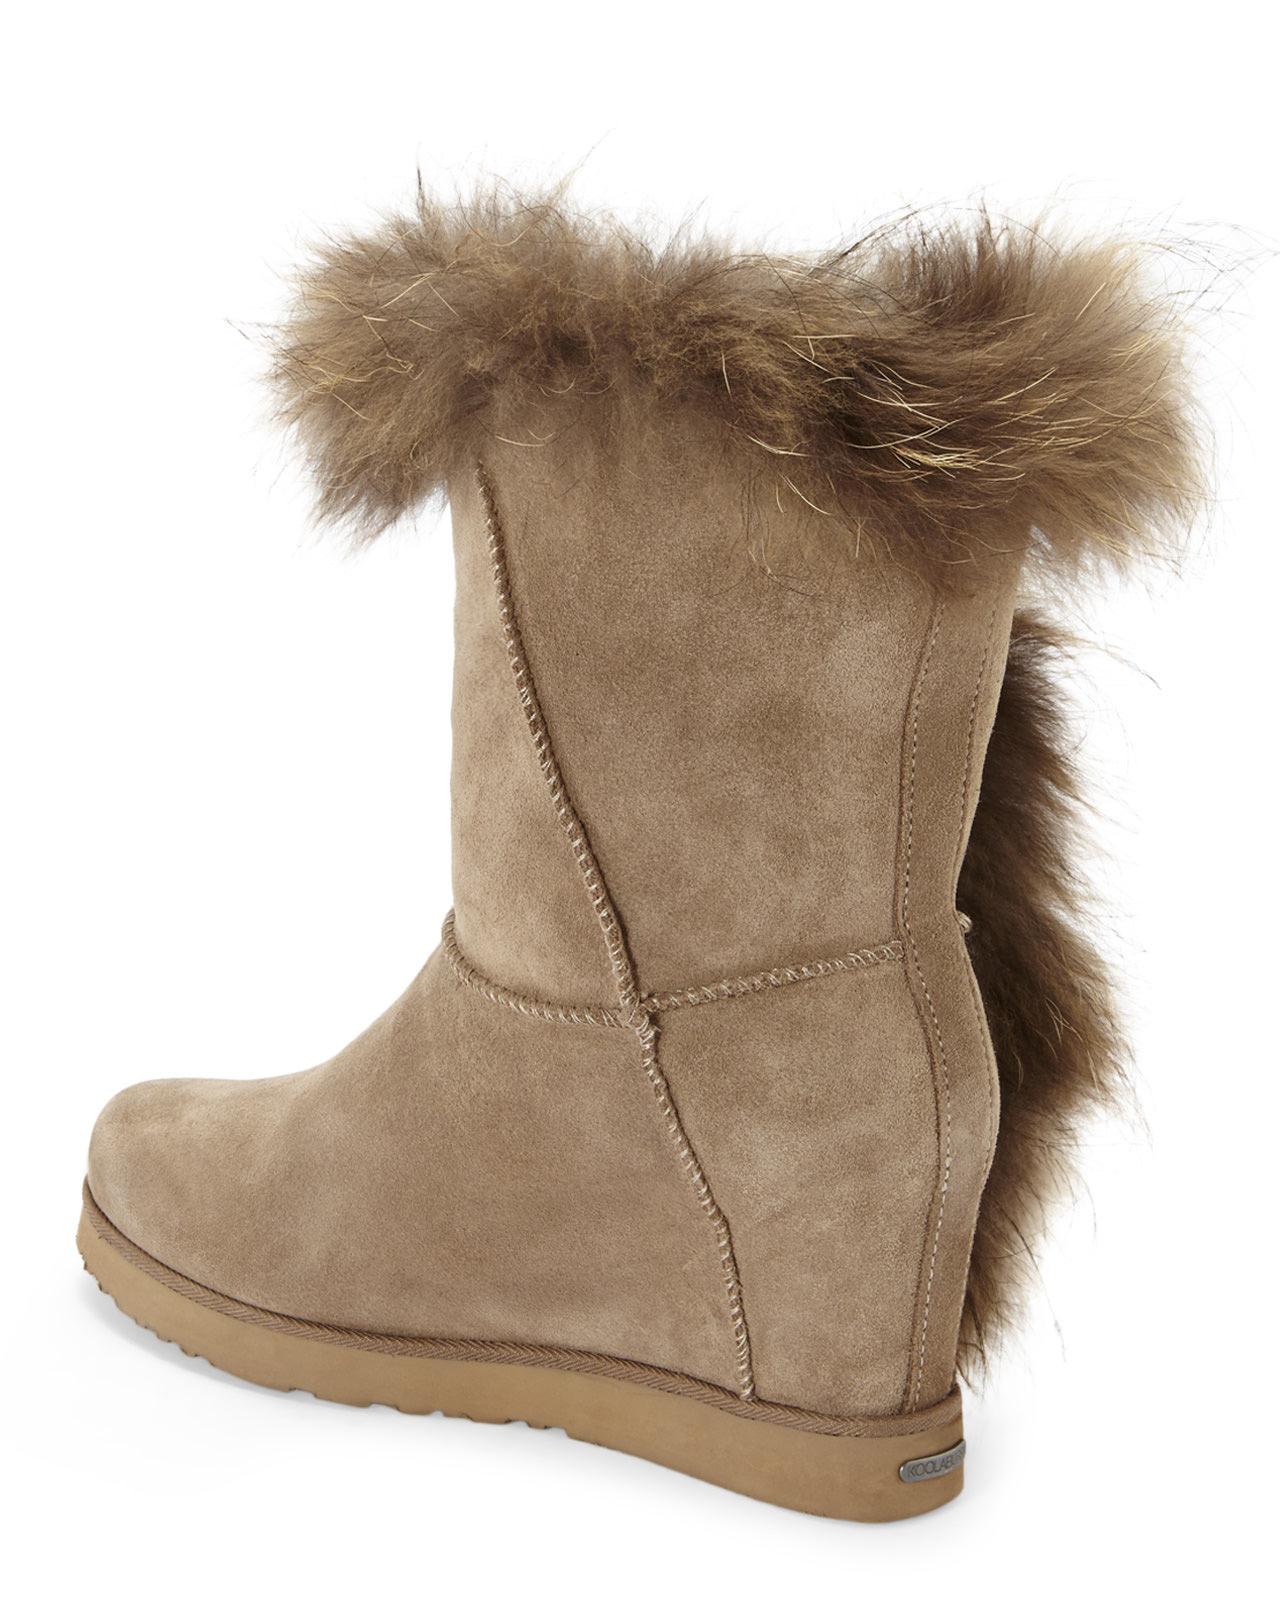 cbb95bf2faad Lyst - Koolaburra Seta Lavolta Real Fur Boots in Brown